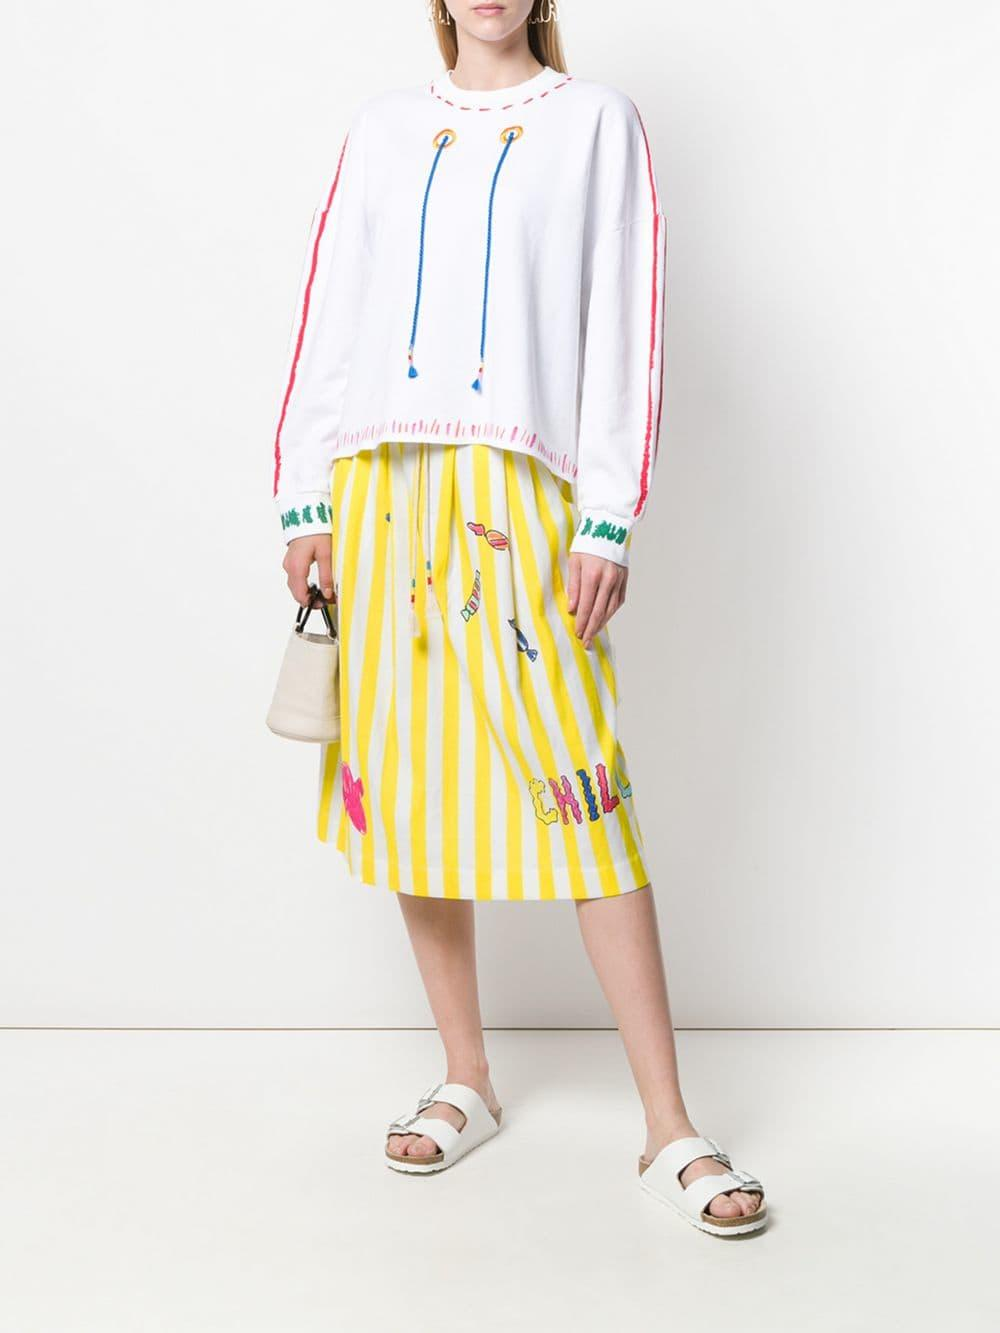 ec8e7d28635b Lyst - Mira Mikati Striped Graphic Skirt in Yellow